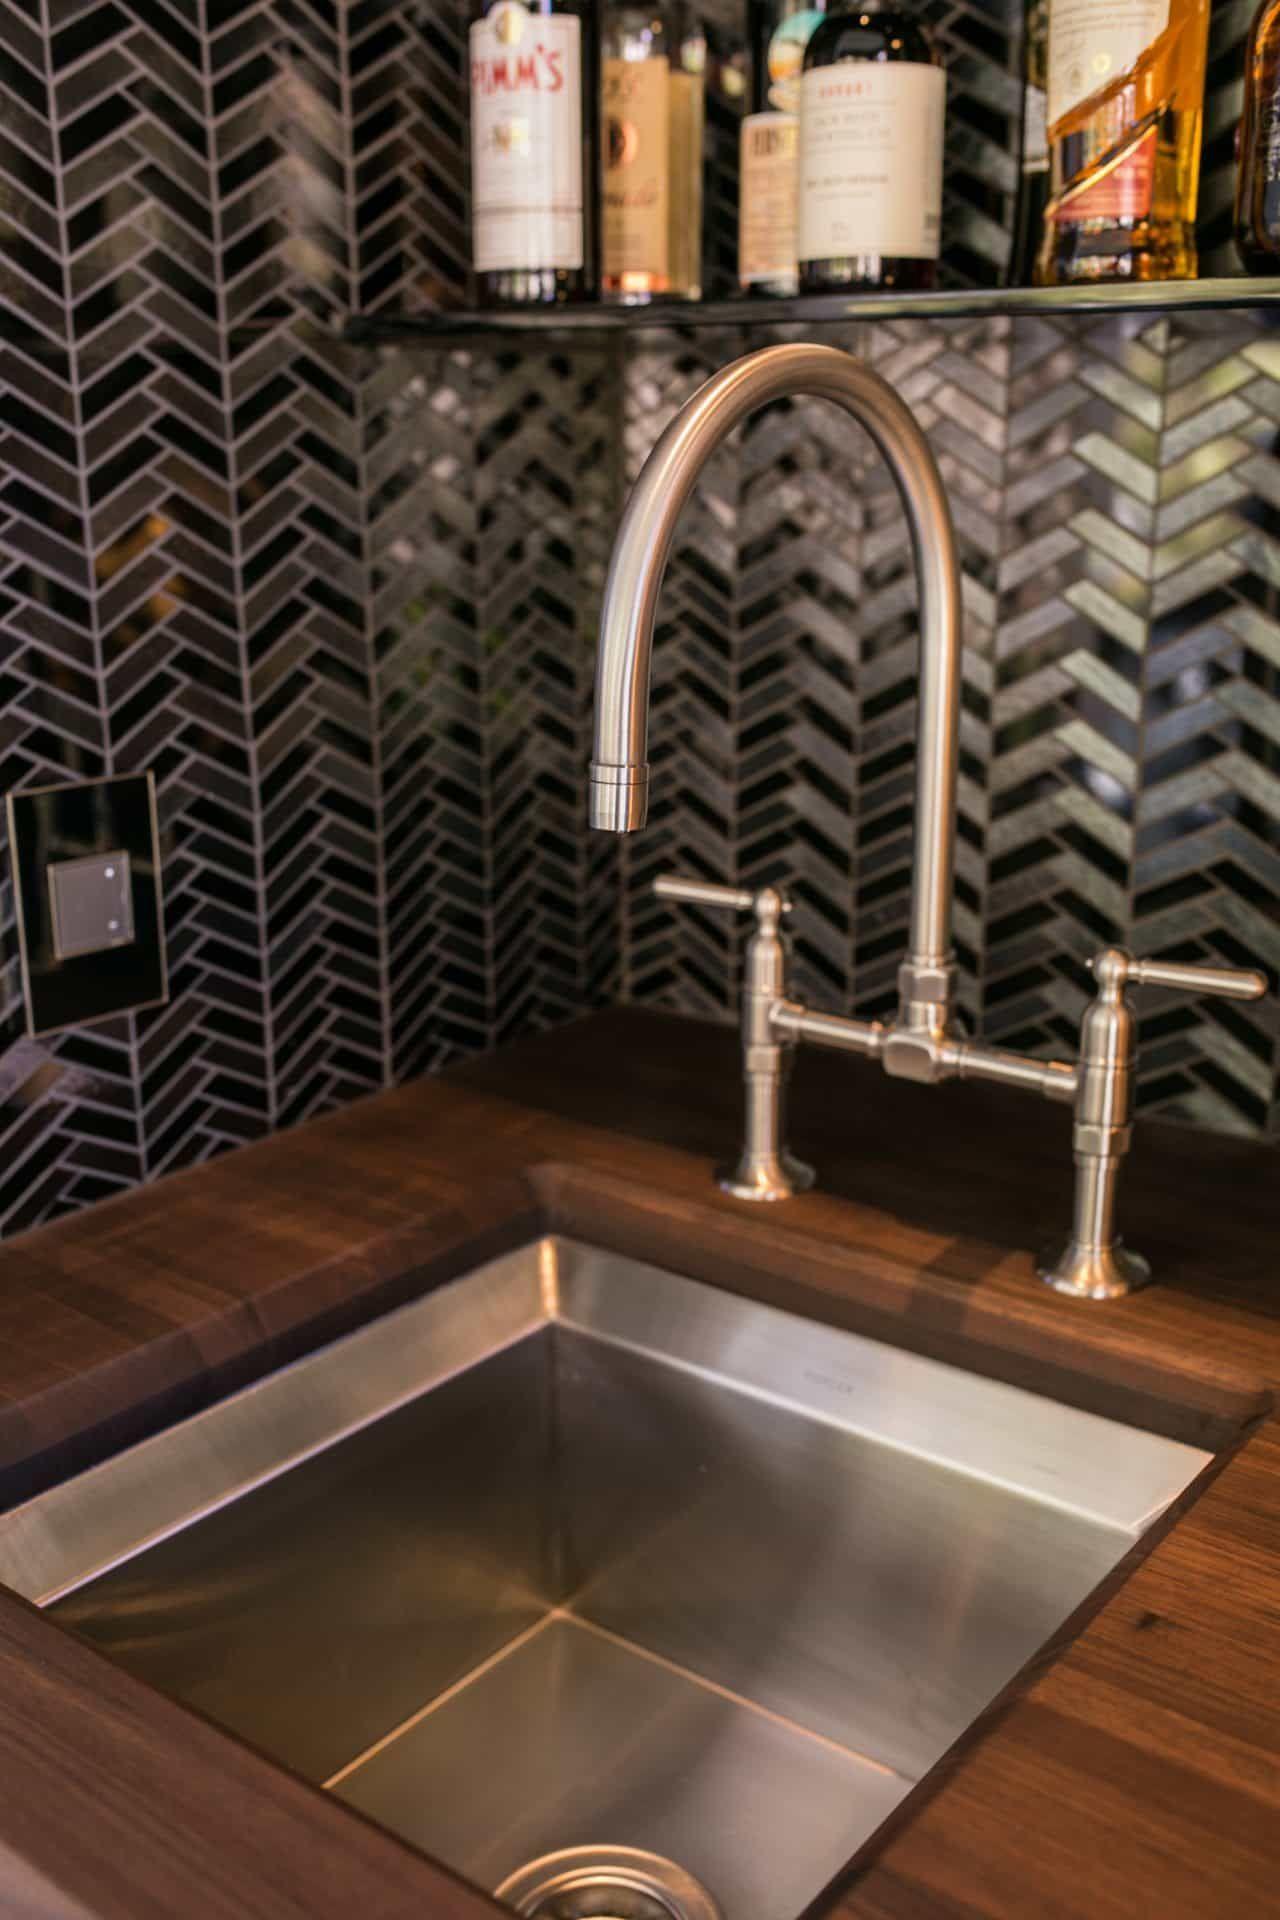 Verschiedene Küche Wasserhahn Typen | Küchenzeile | Pinterest ...